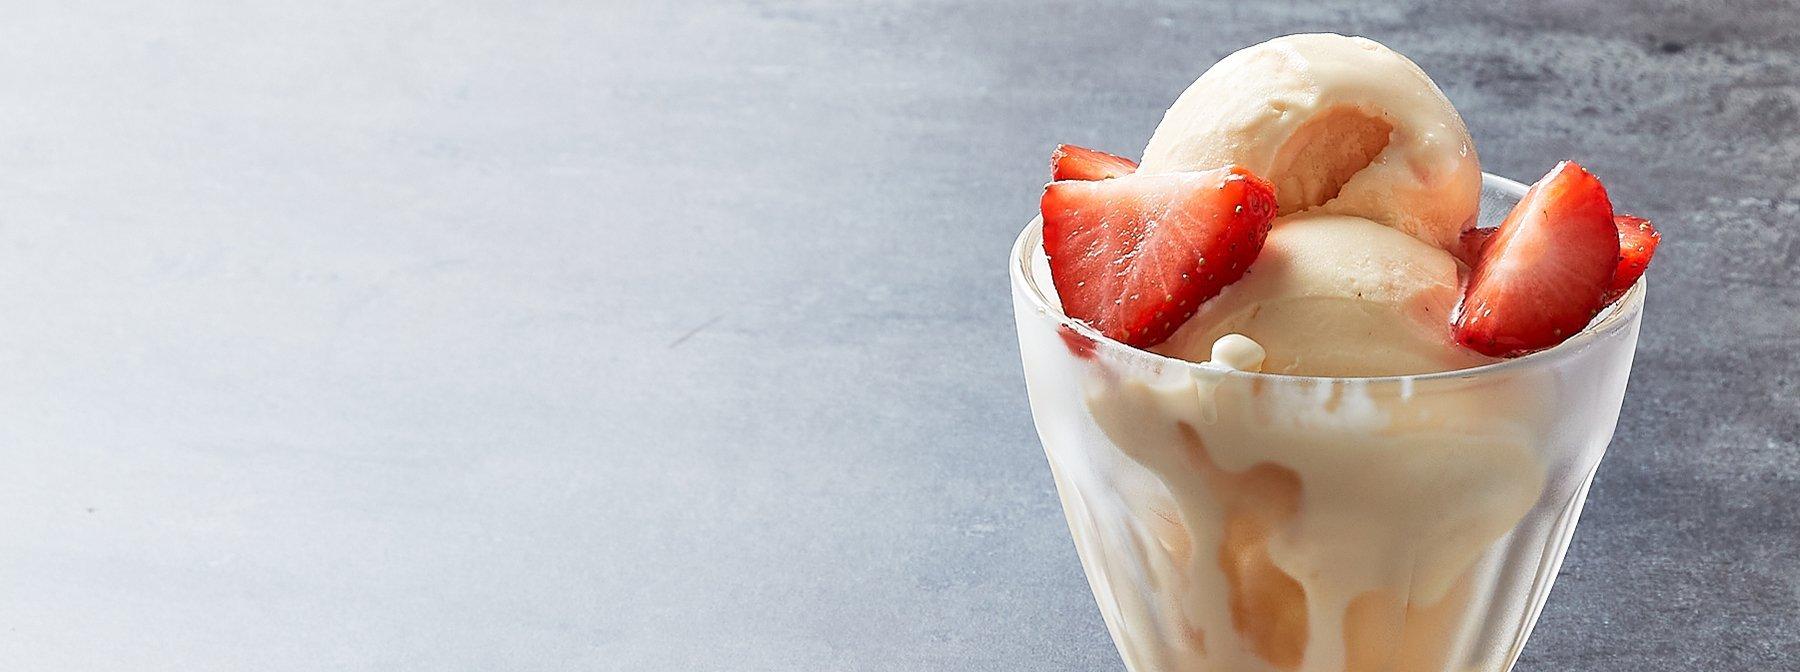 Glace protéinée à la crème brulée | Cuisine du monde